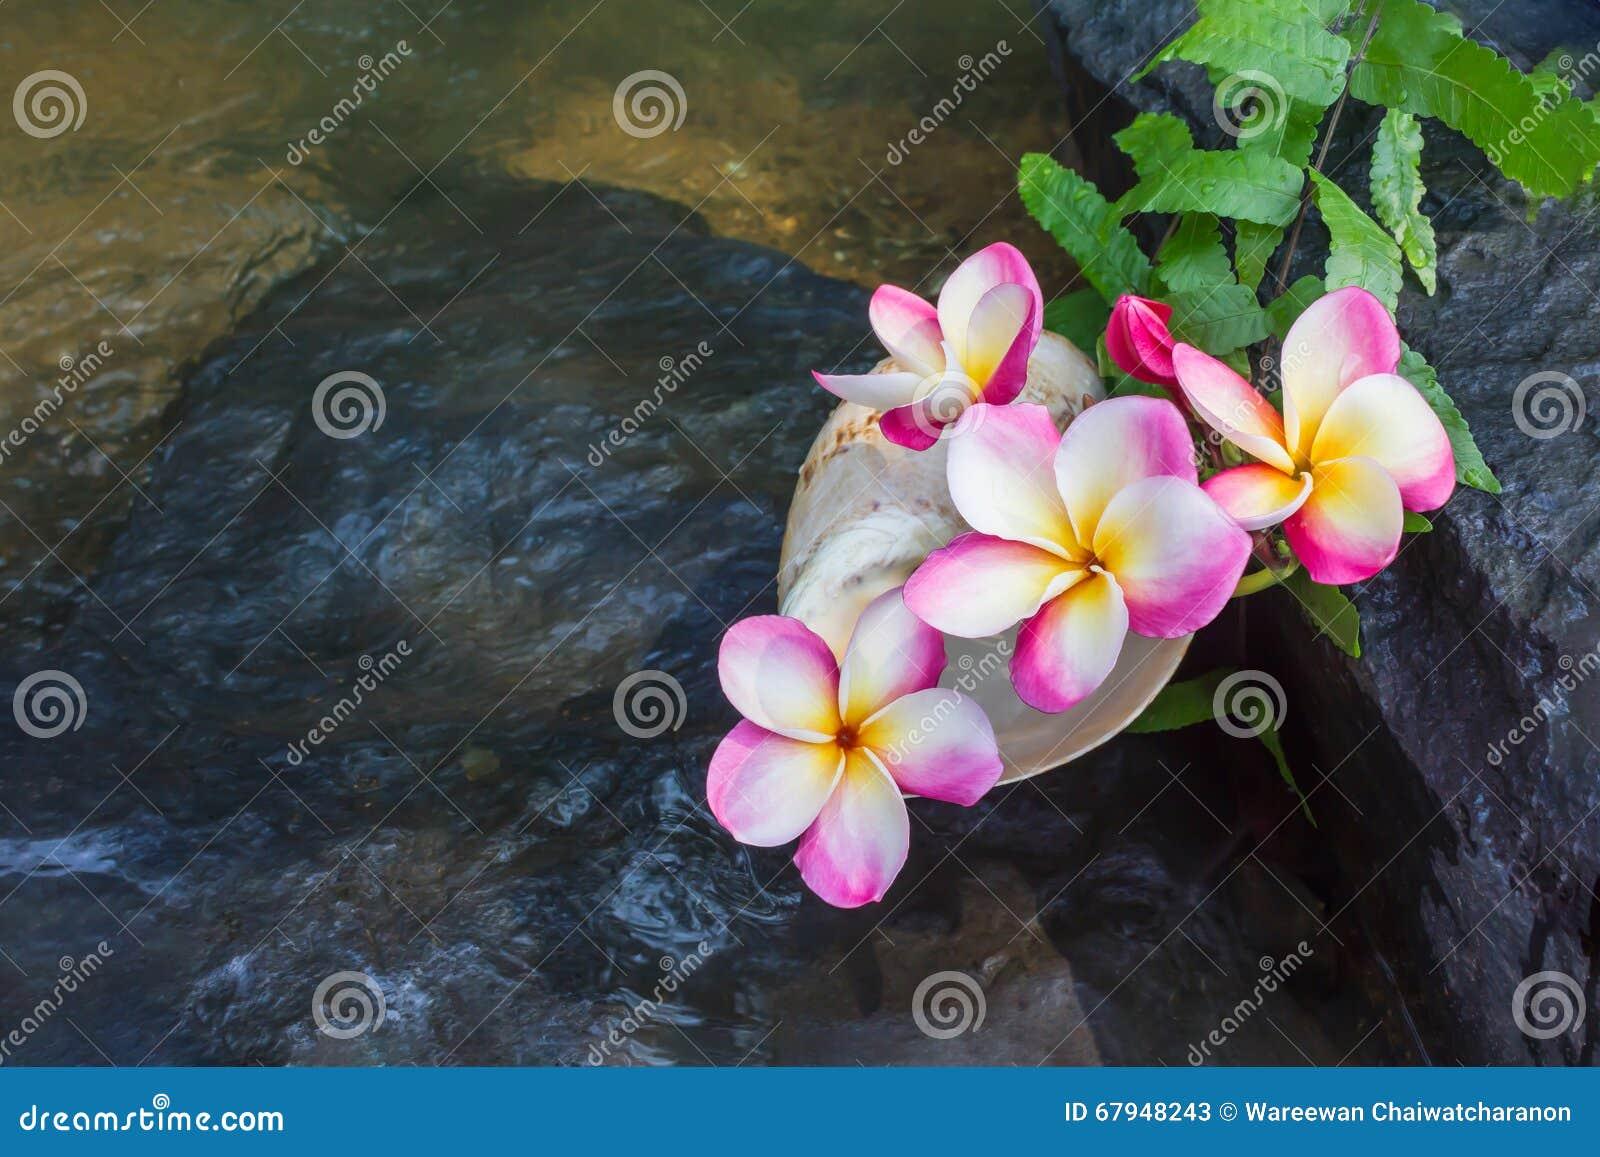 Fiori Con La S.El Rosa Florece El Frangipani O El Plumeria En La Roca De La